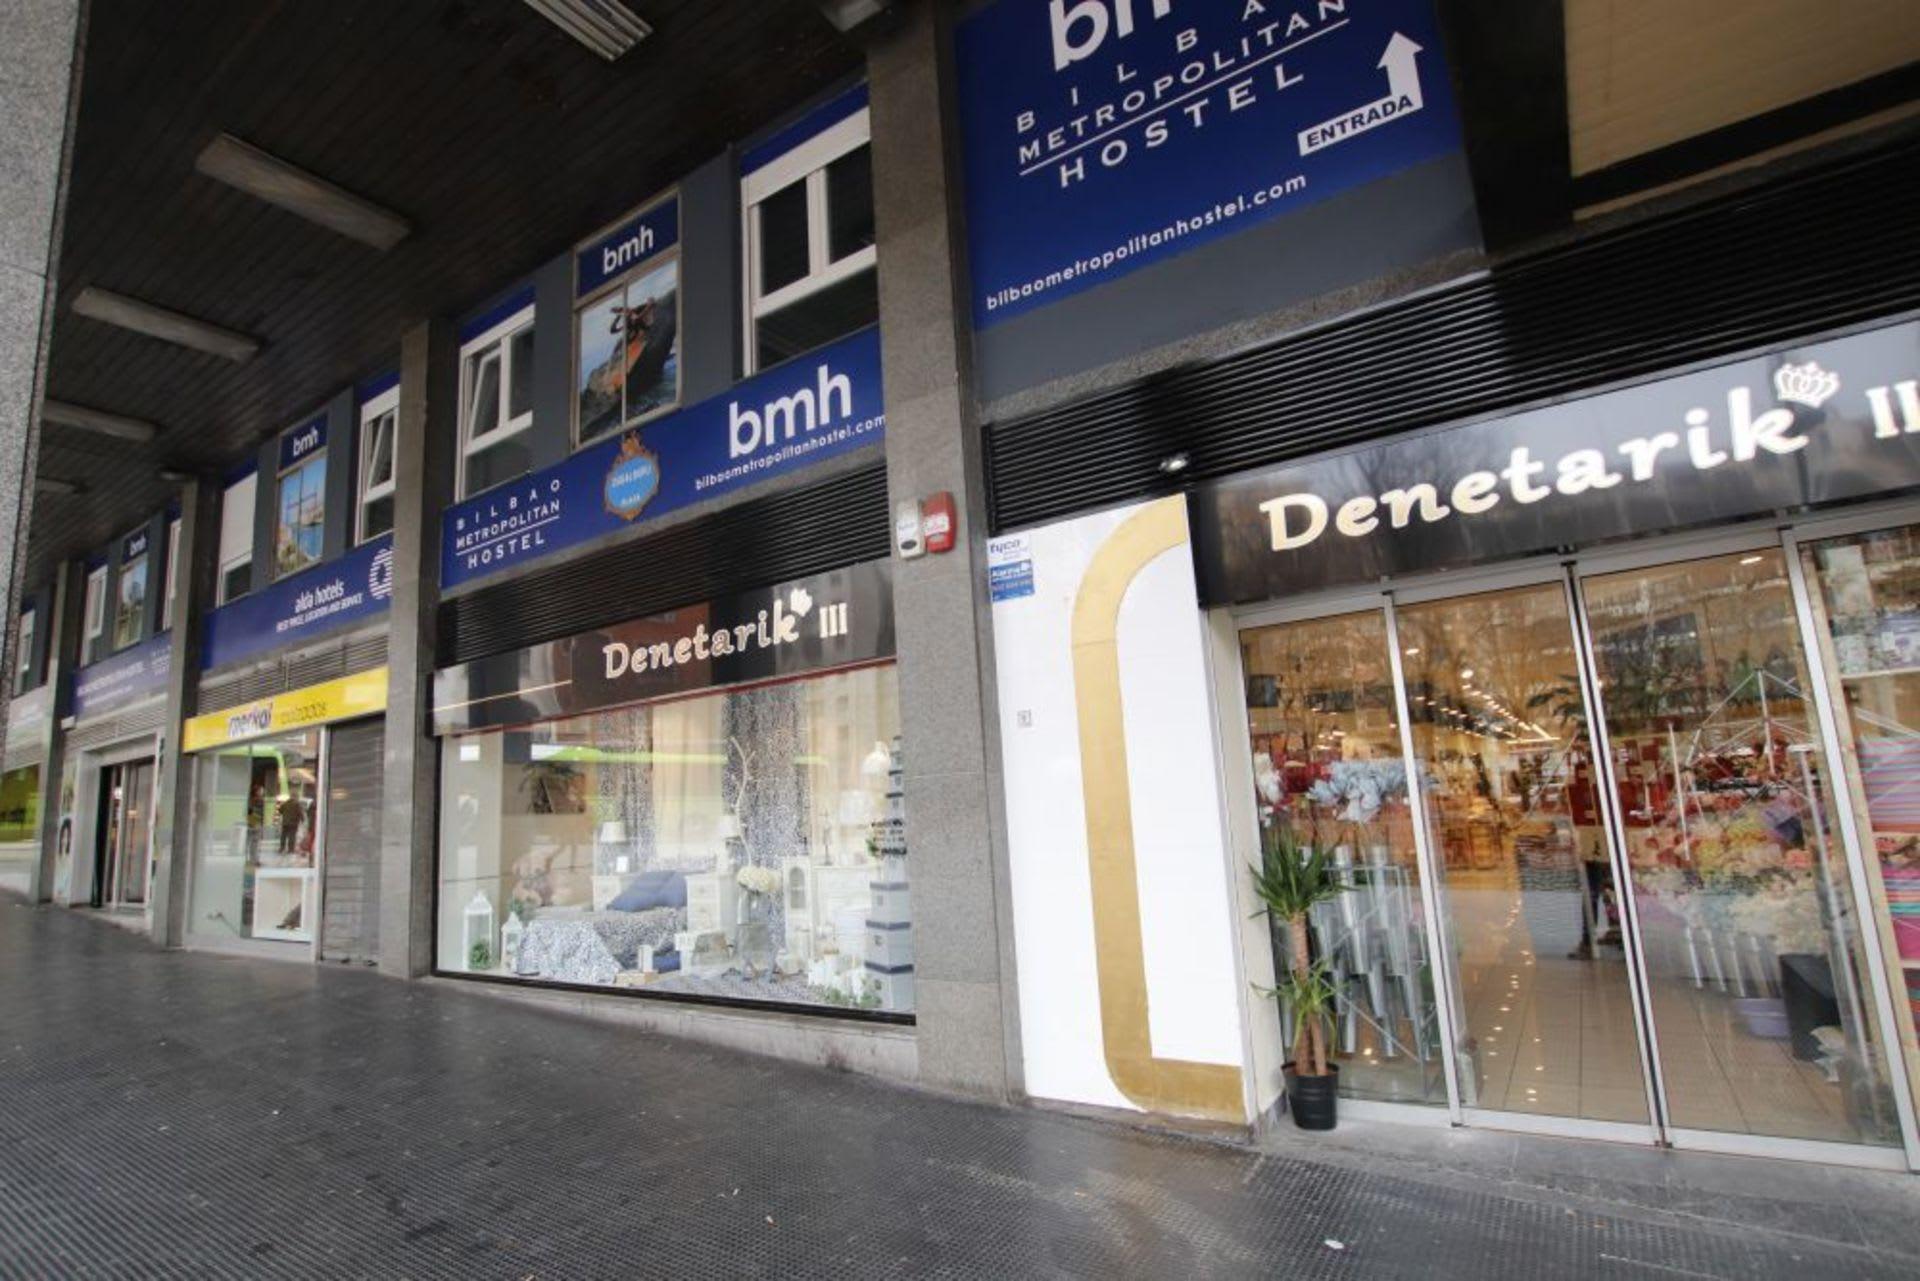 HOSTEL - Bilbao Metropolitan Hostel by Bossh Hotels